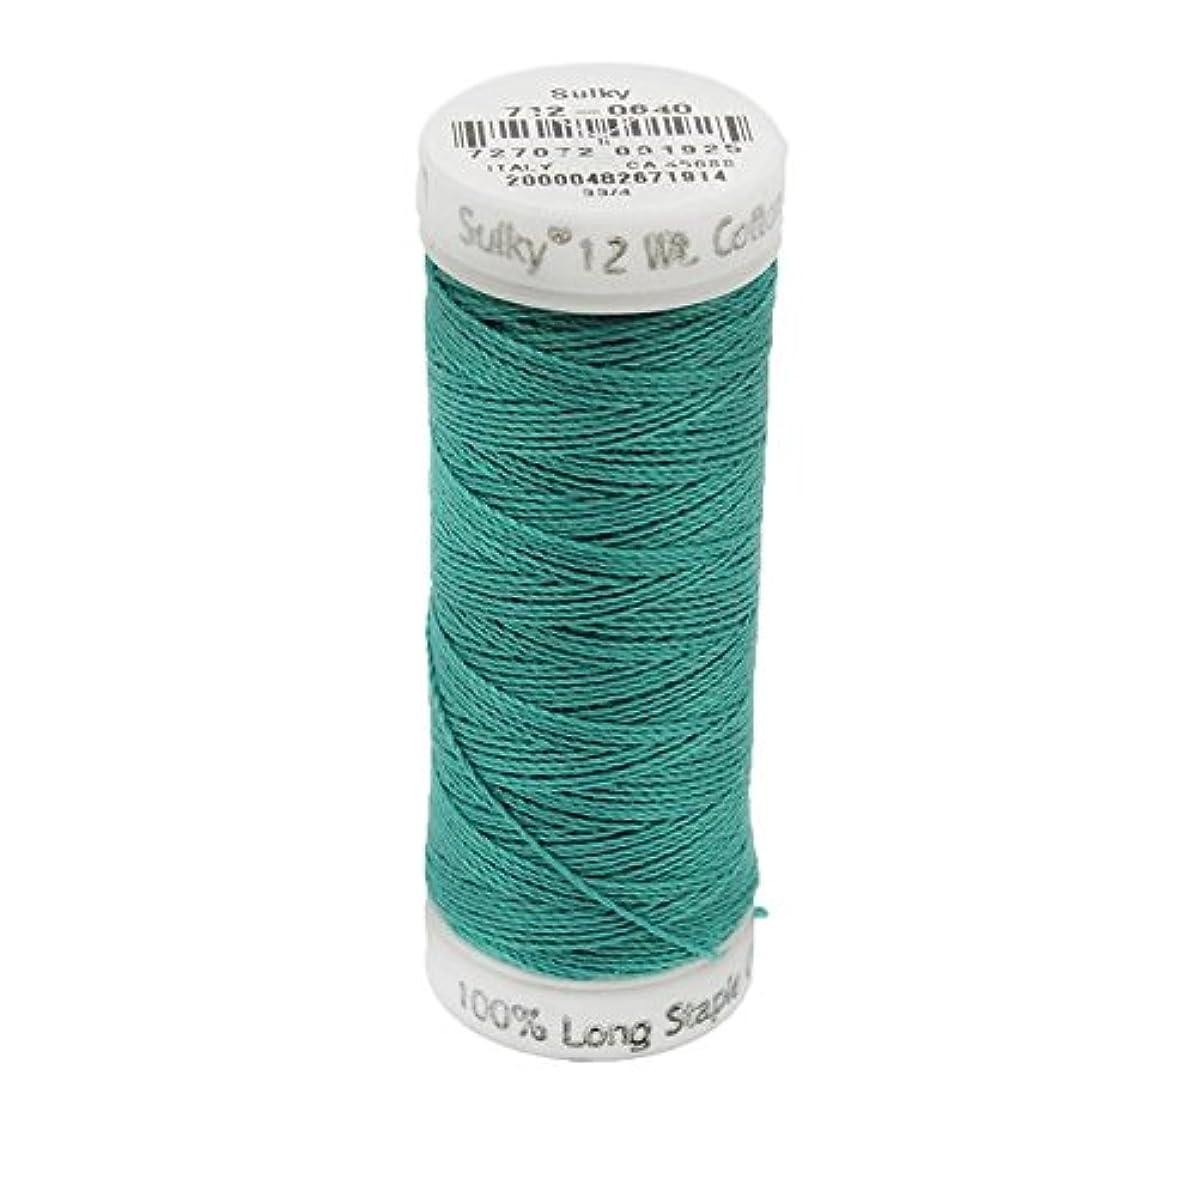 Sulky Of America 12wt Cotton Petites Thread, 50 yd, Medium Aqua